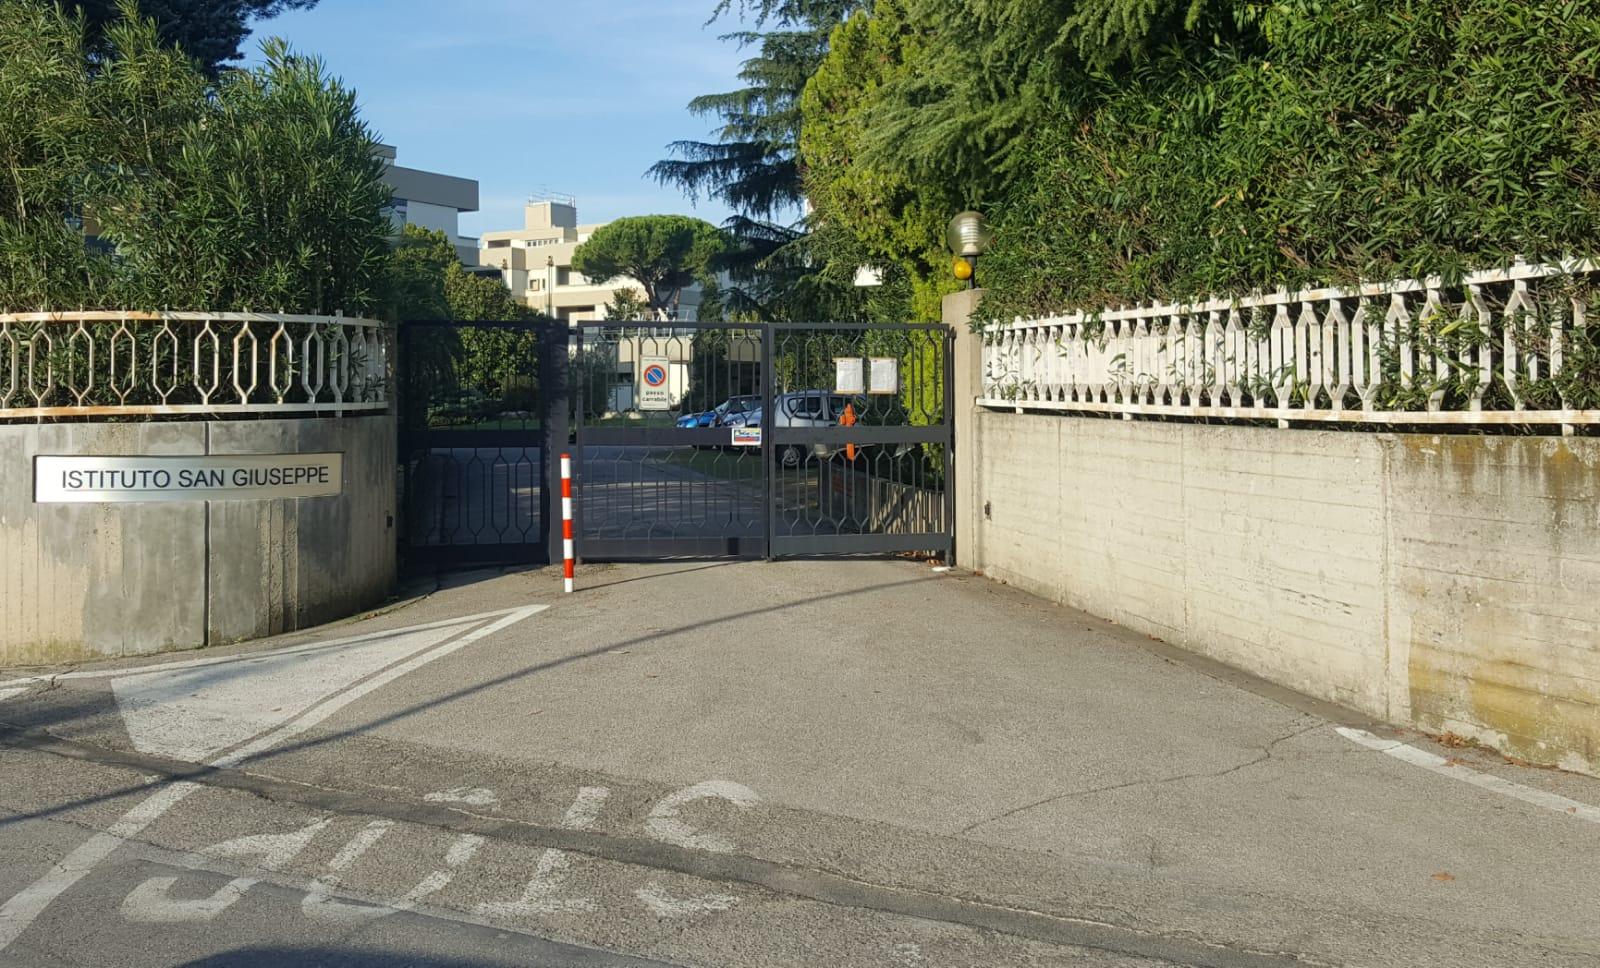 Istituto-San-Giuseppe